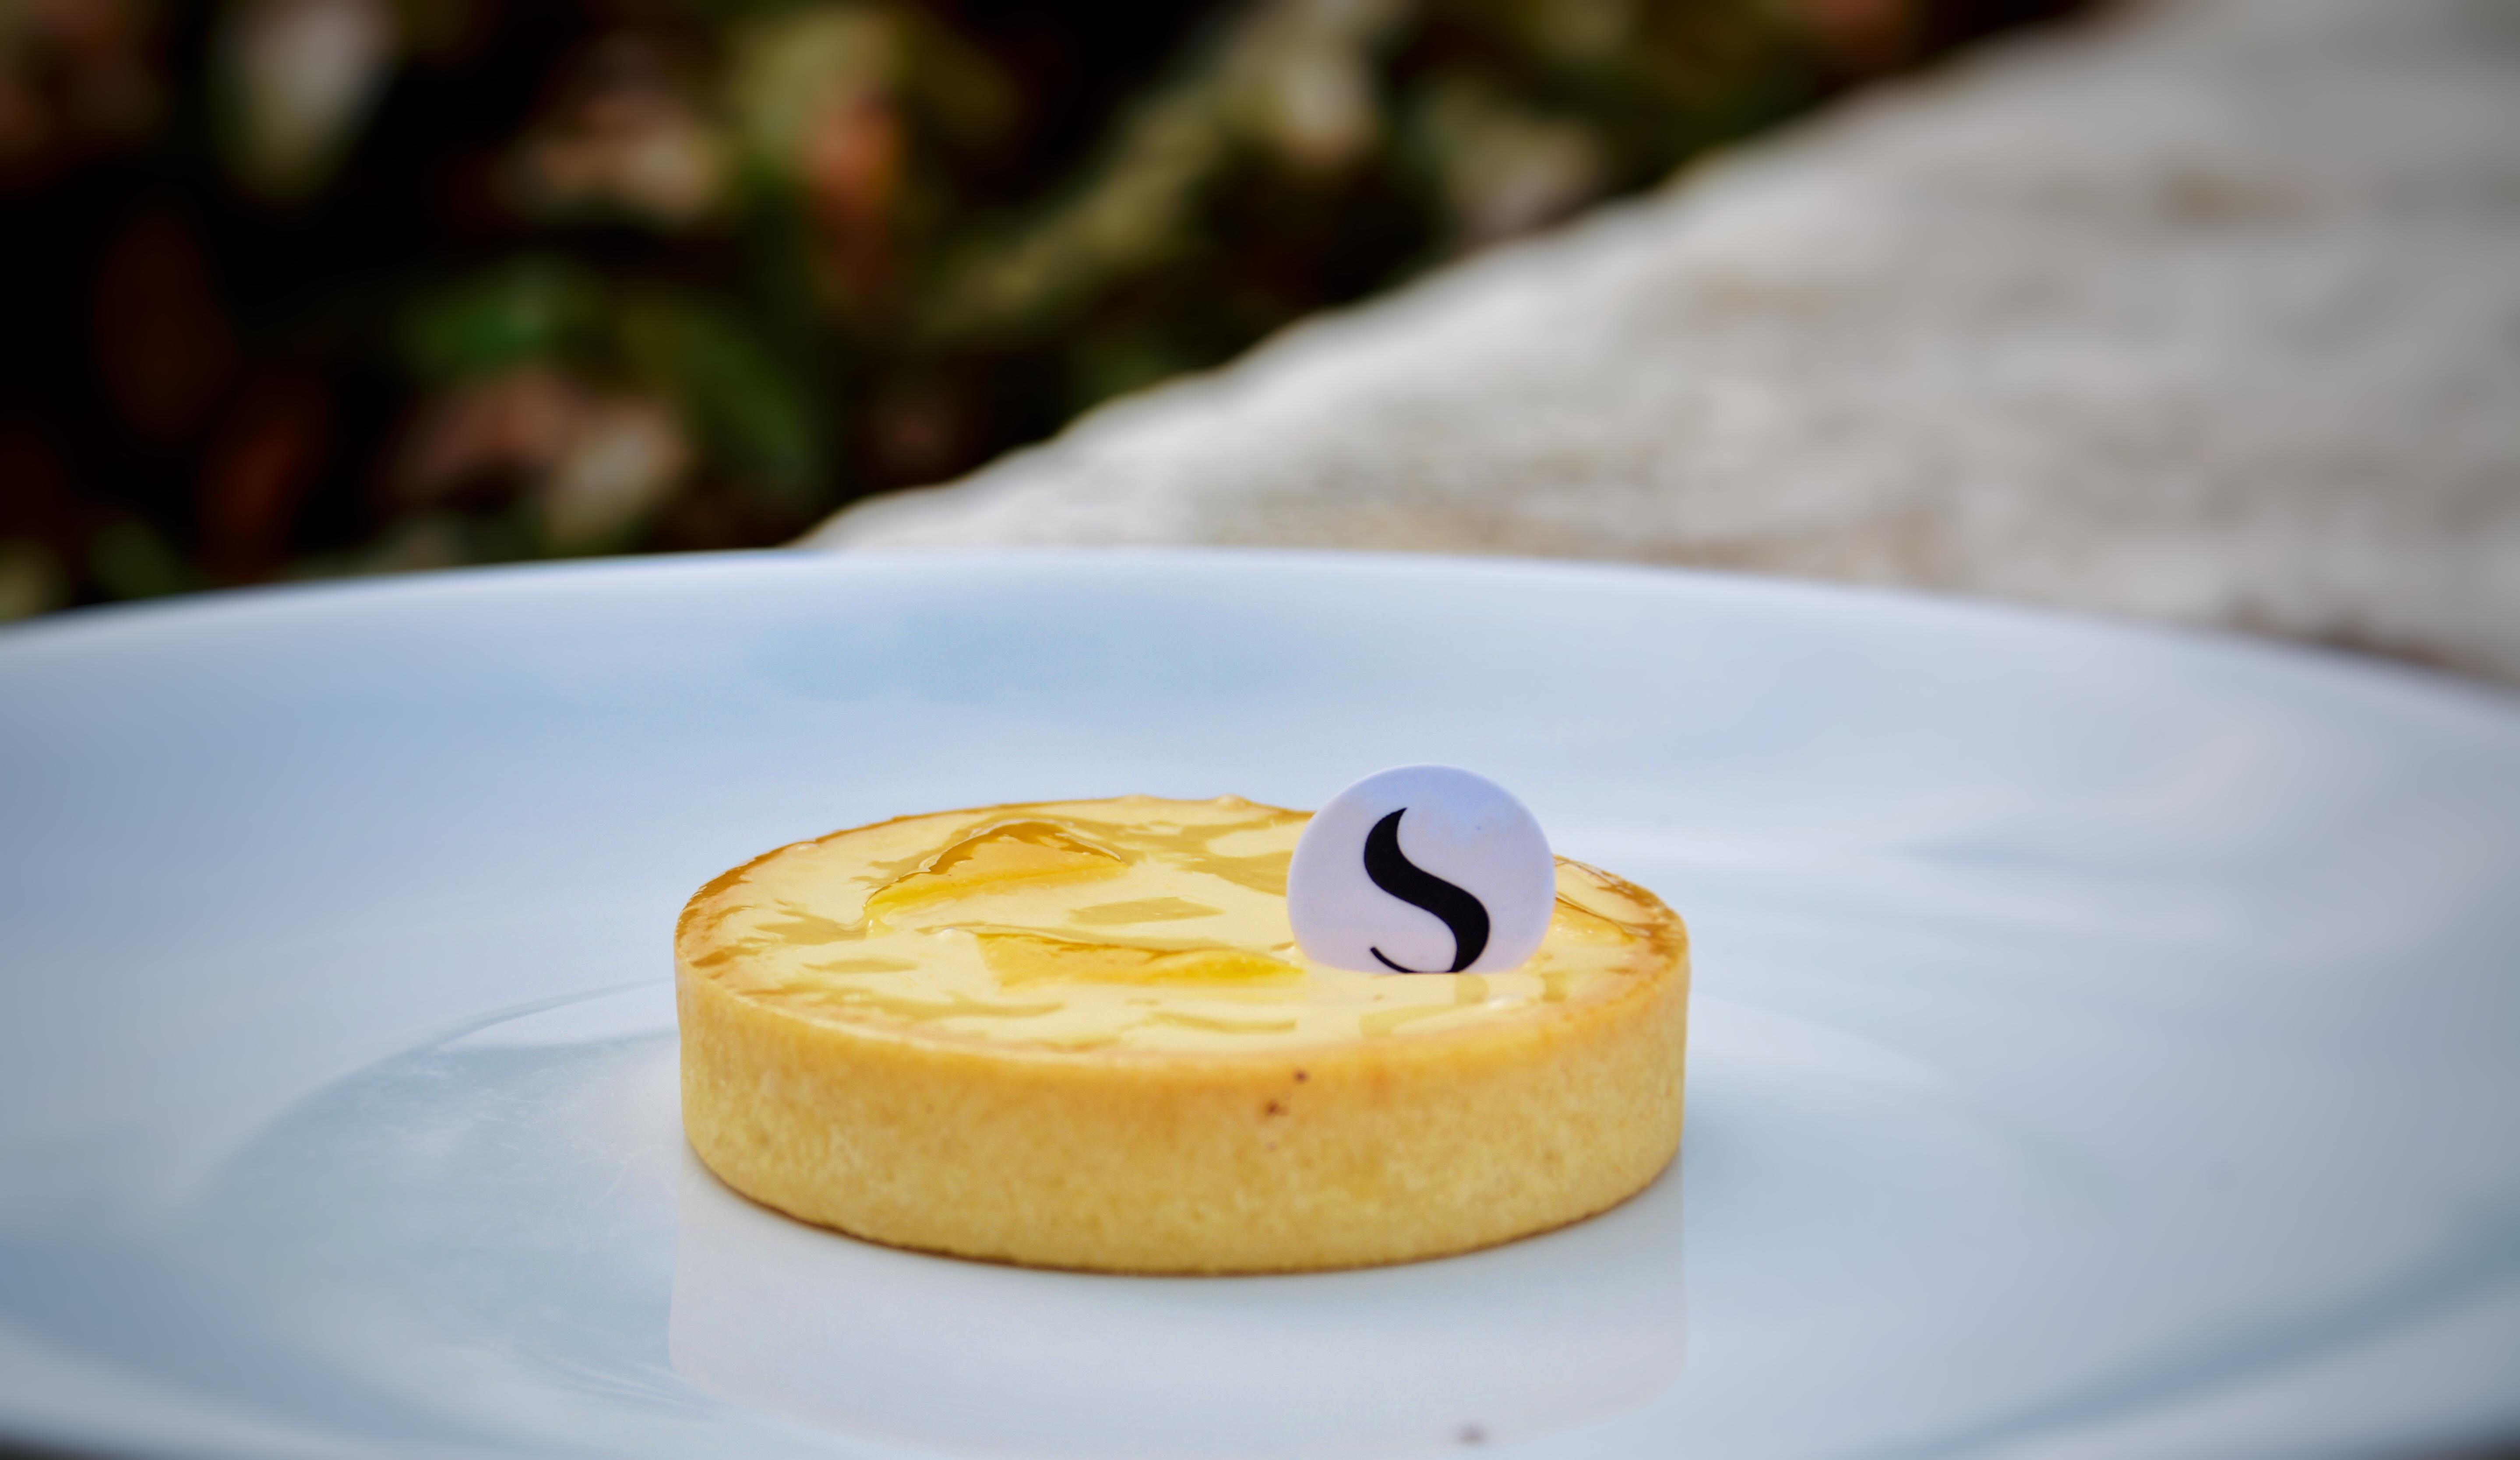 Une bonne tarte au citron, somme toute très classique. Bien acidulée  cependant. Peut plaire à tout le monde sans prendre trop de risques.